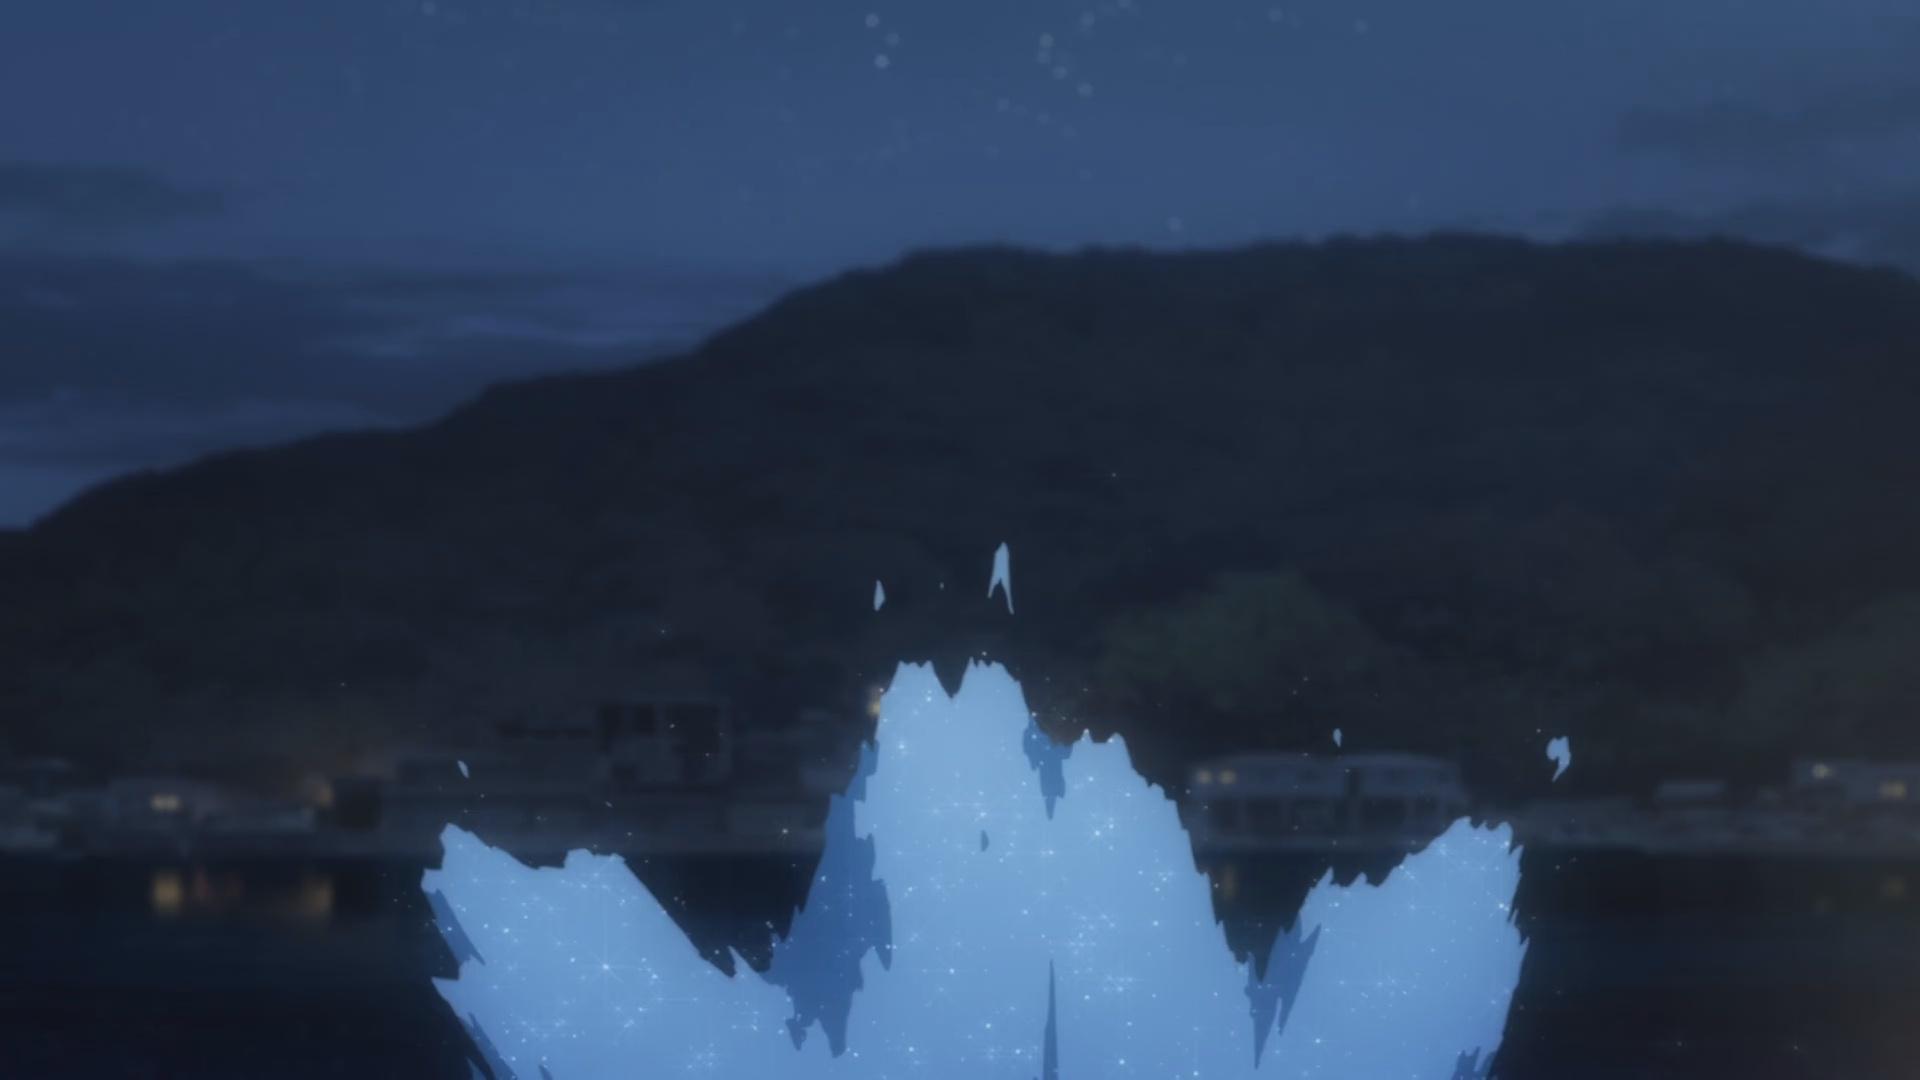 Anime Water Splash Sound 2